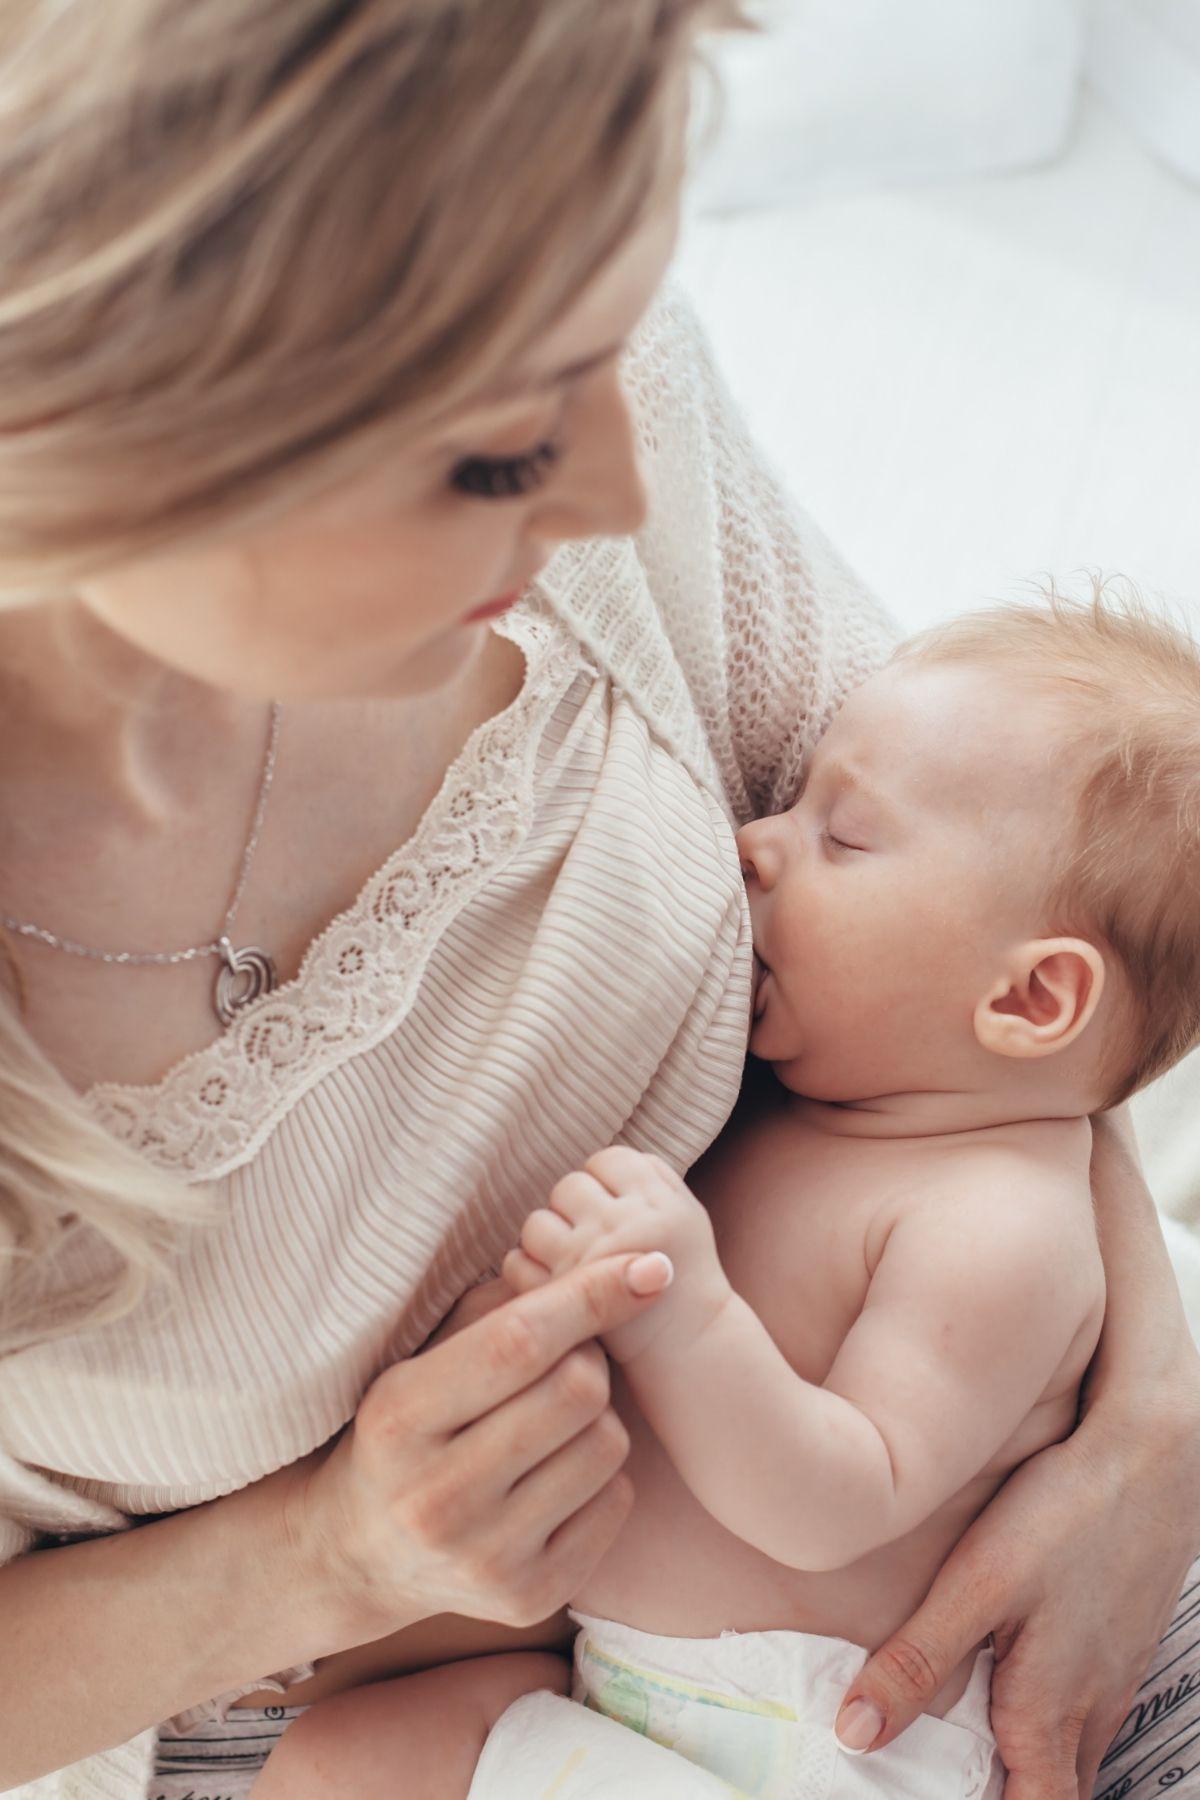 Mom breast feeds baby boy.